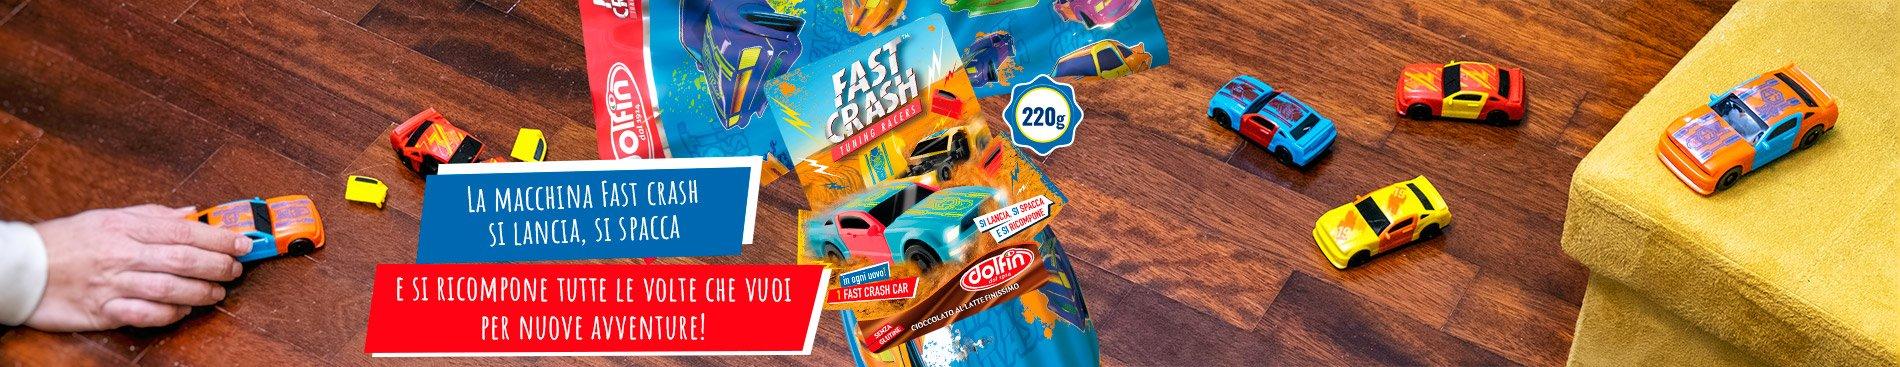 2020 pasqua - Fast Crash